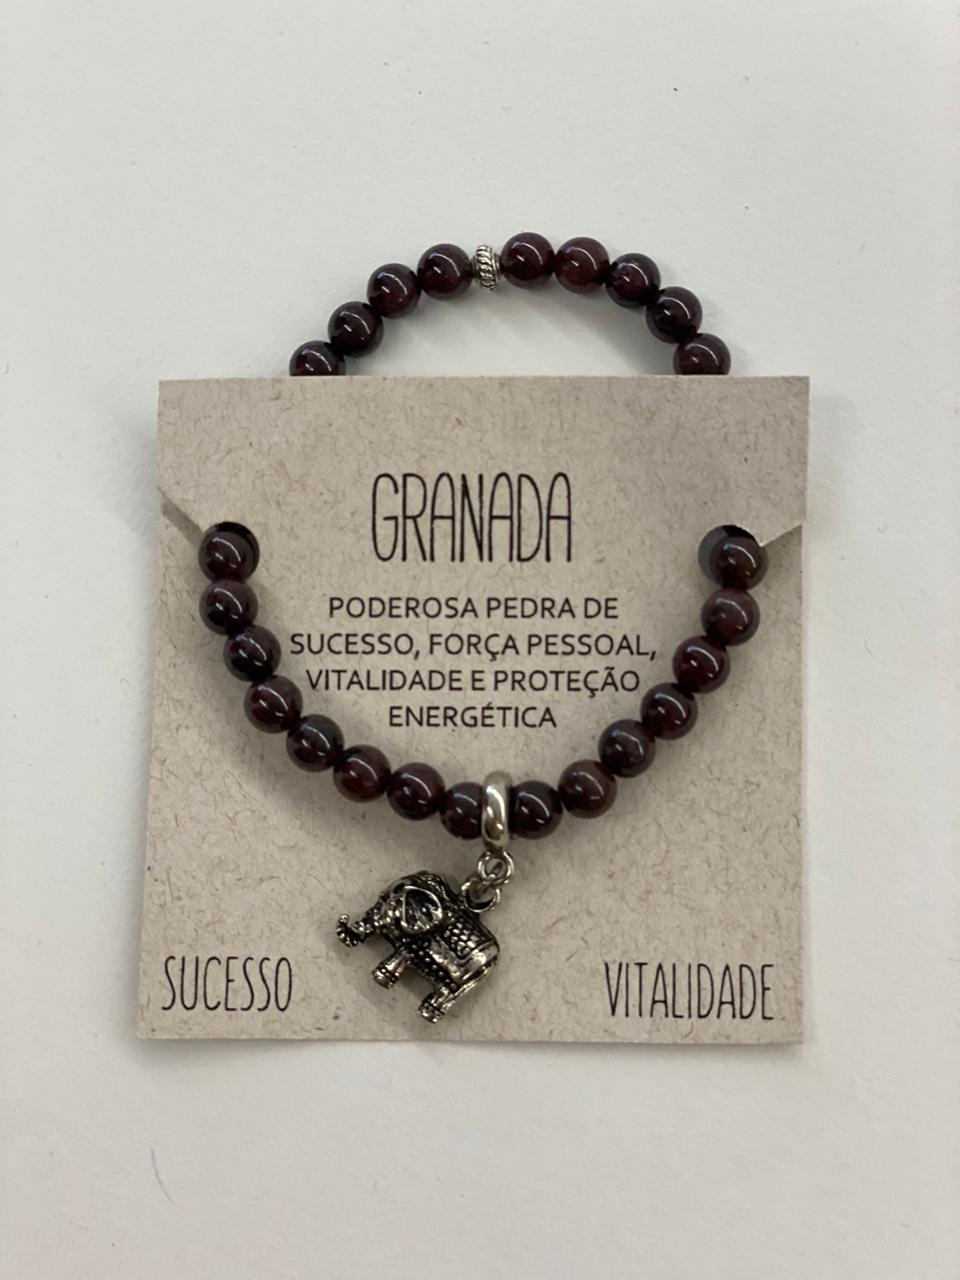 Pulseira Granada - Sucesso e Vitalidade